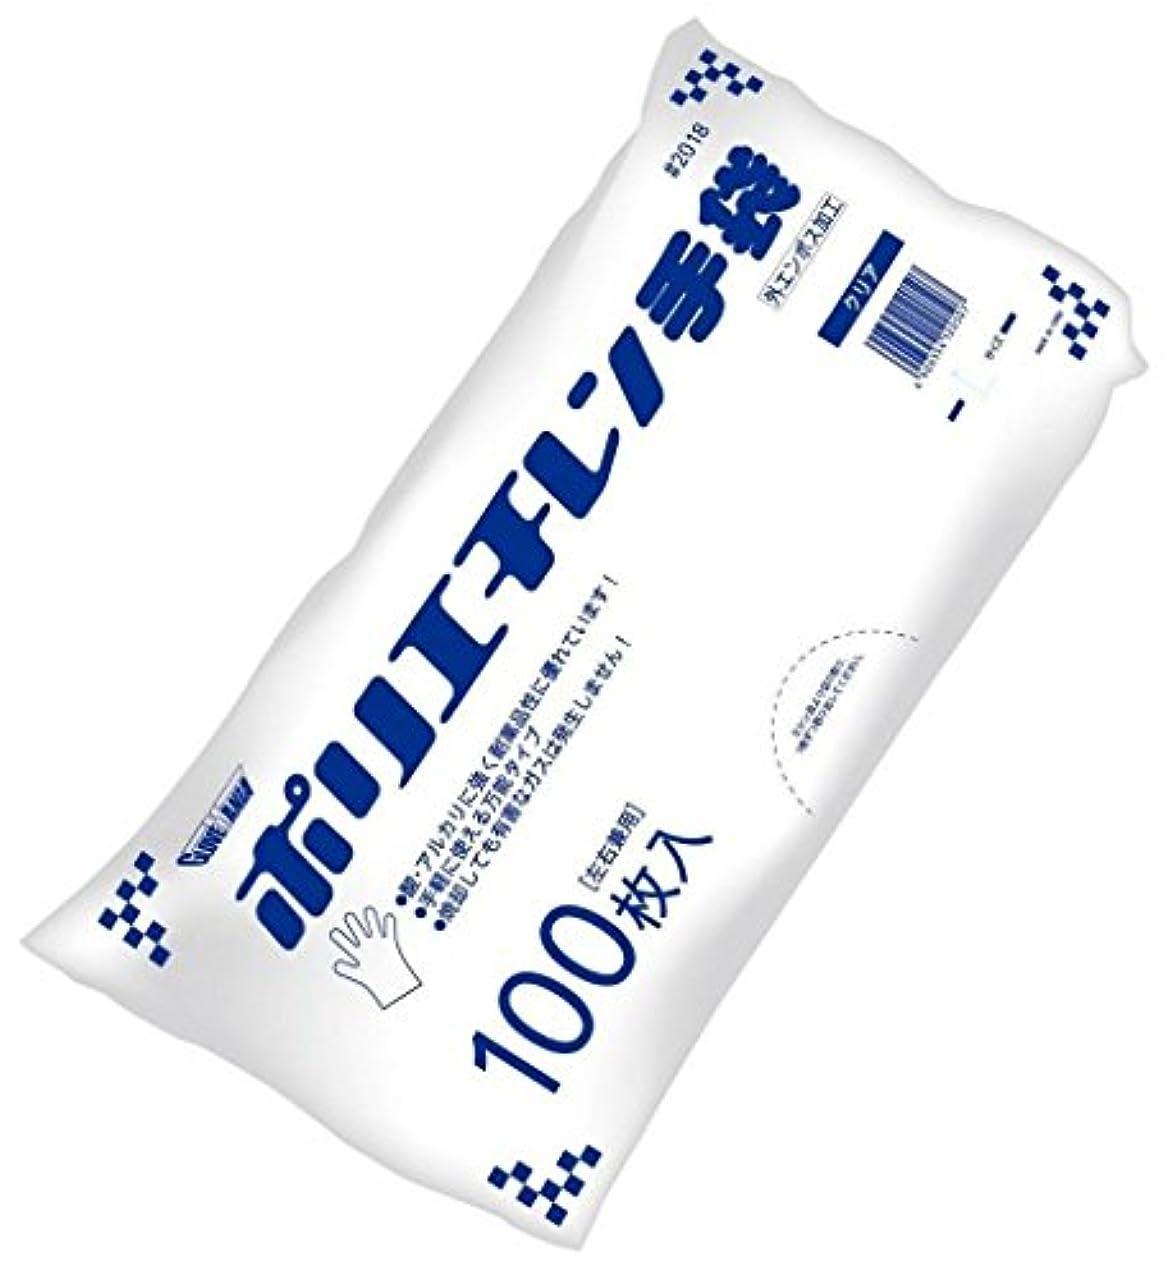 アボートソフィーソフィー川西工業 ポリエチレン手袋 外エンボス エコノミー 100枚入 #2018 クリア M